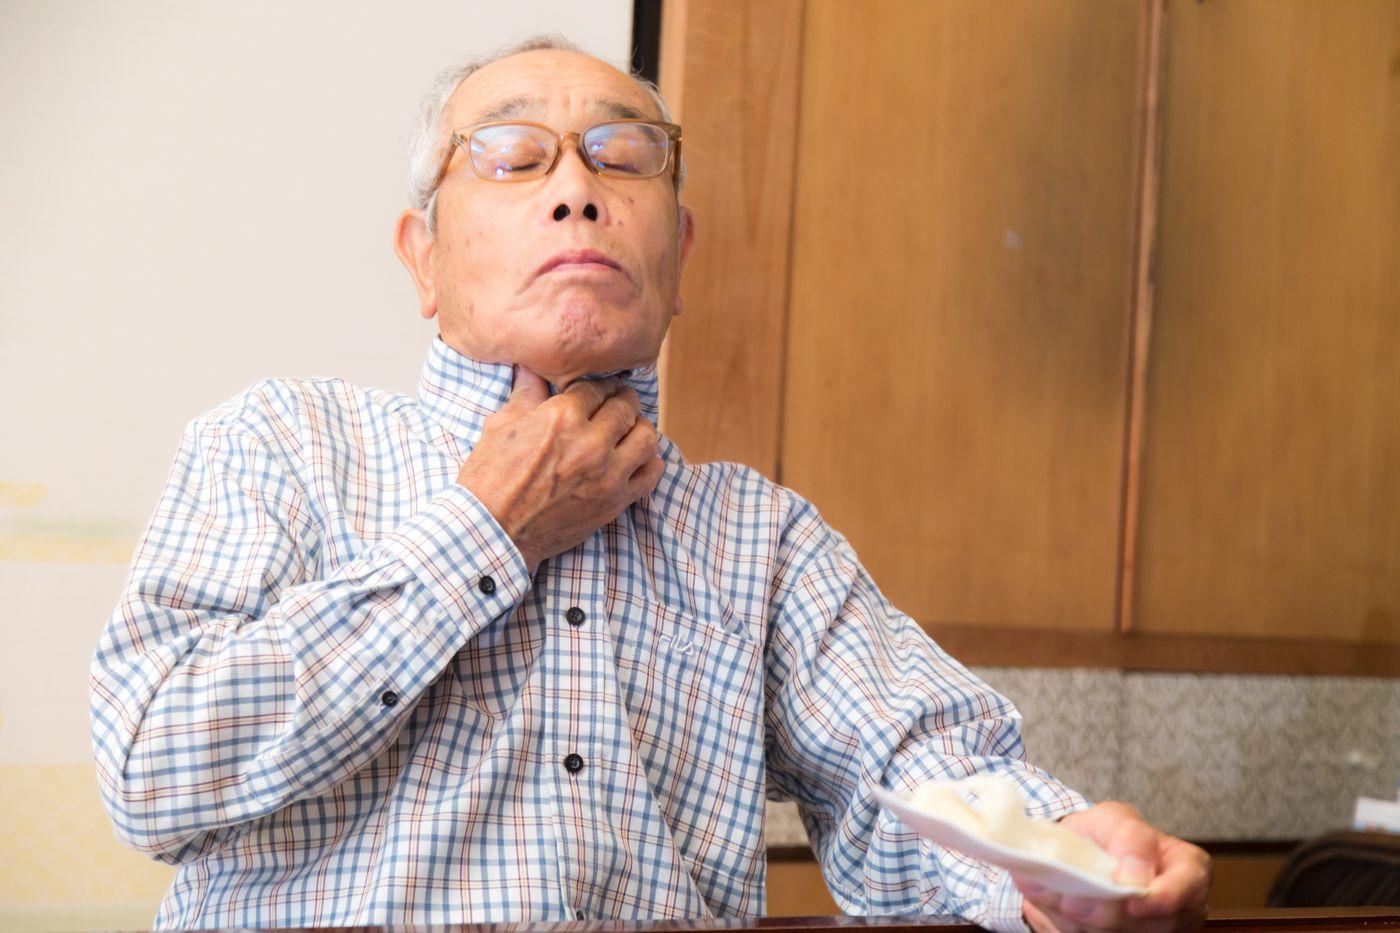 誤って飲み込んでしまい窒息寸前の高齢者の写真